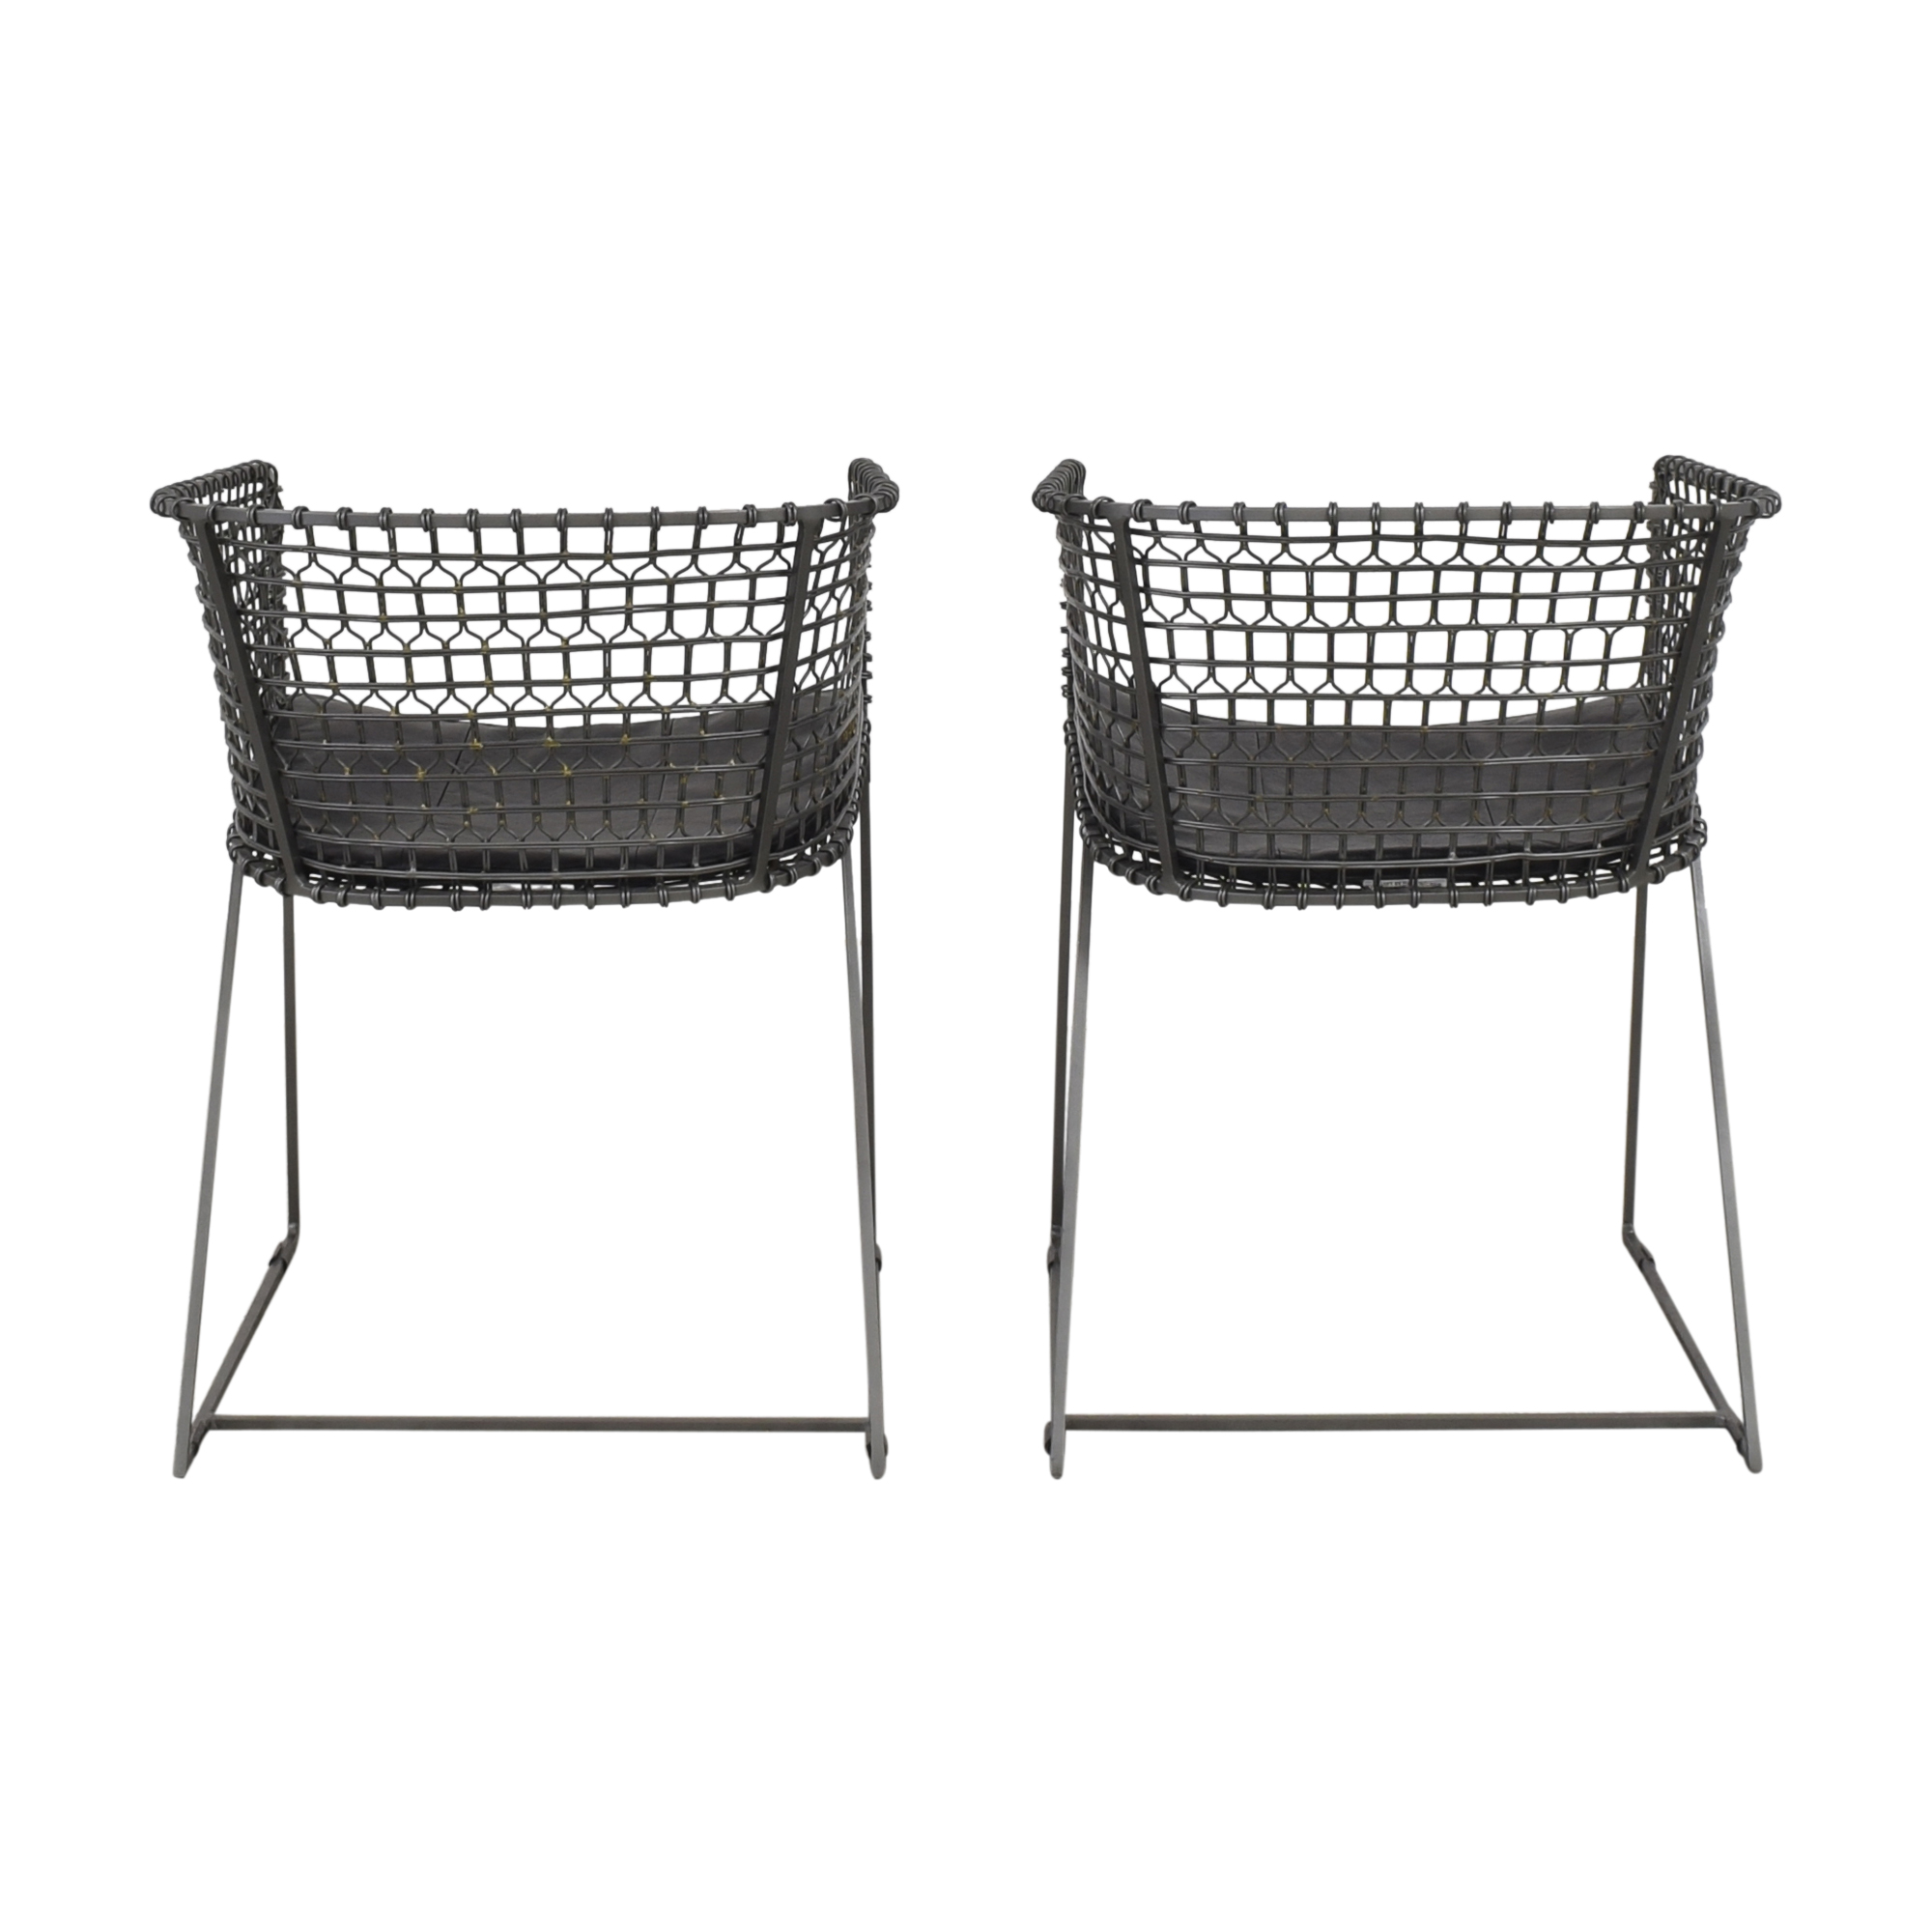 Crate & Barrel Crate & Barrel Tig Barrel Dining Chairs discount